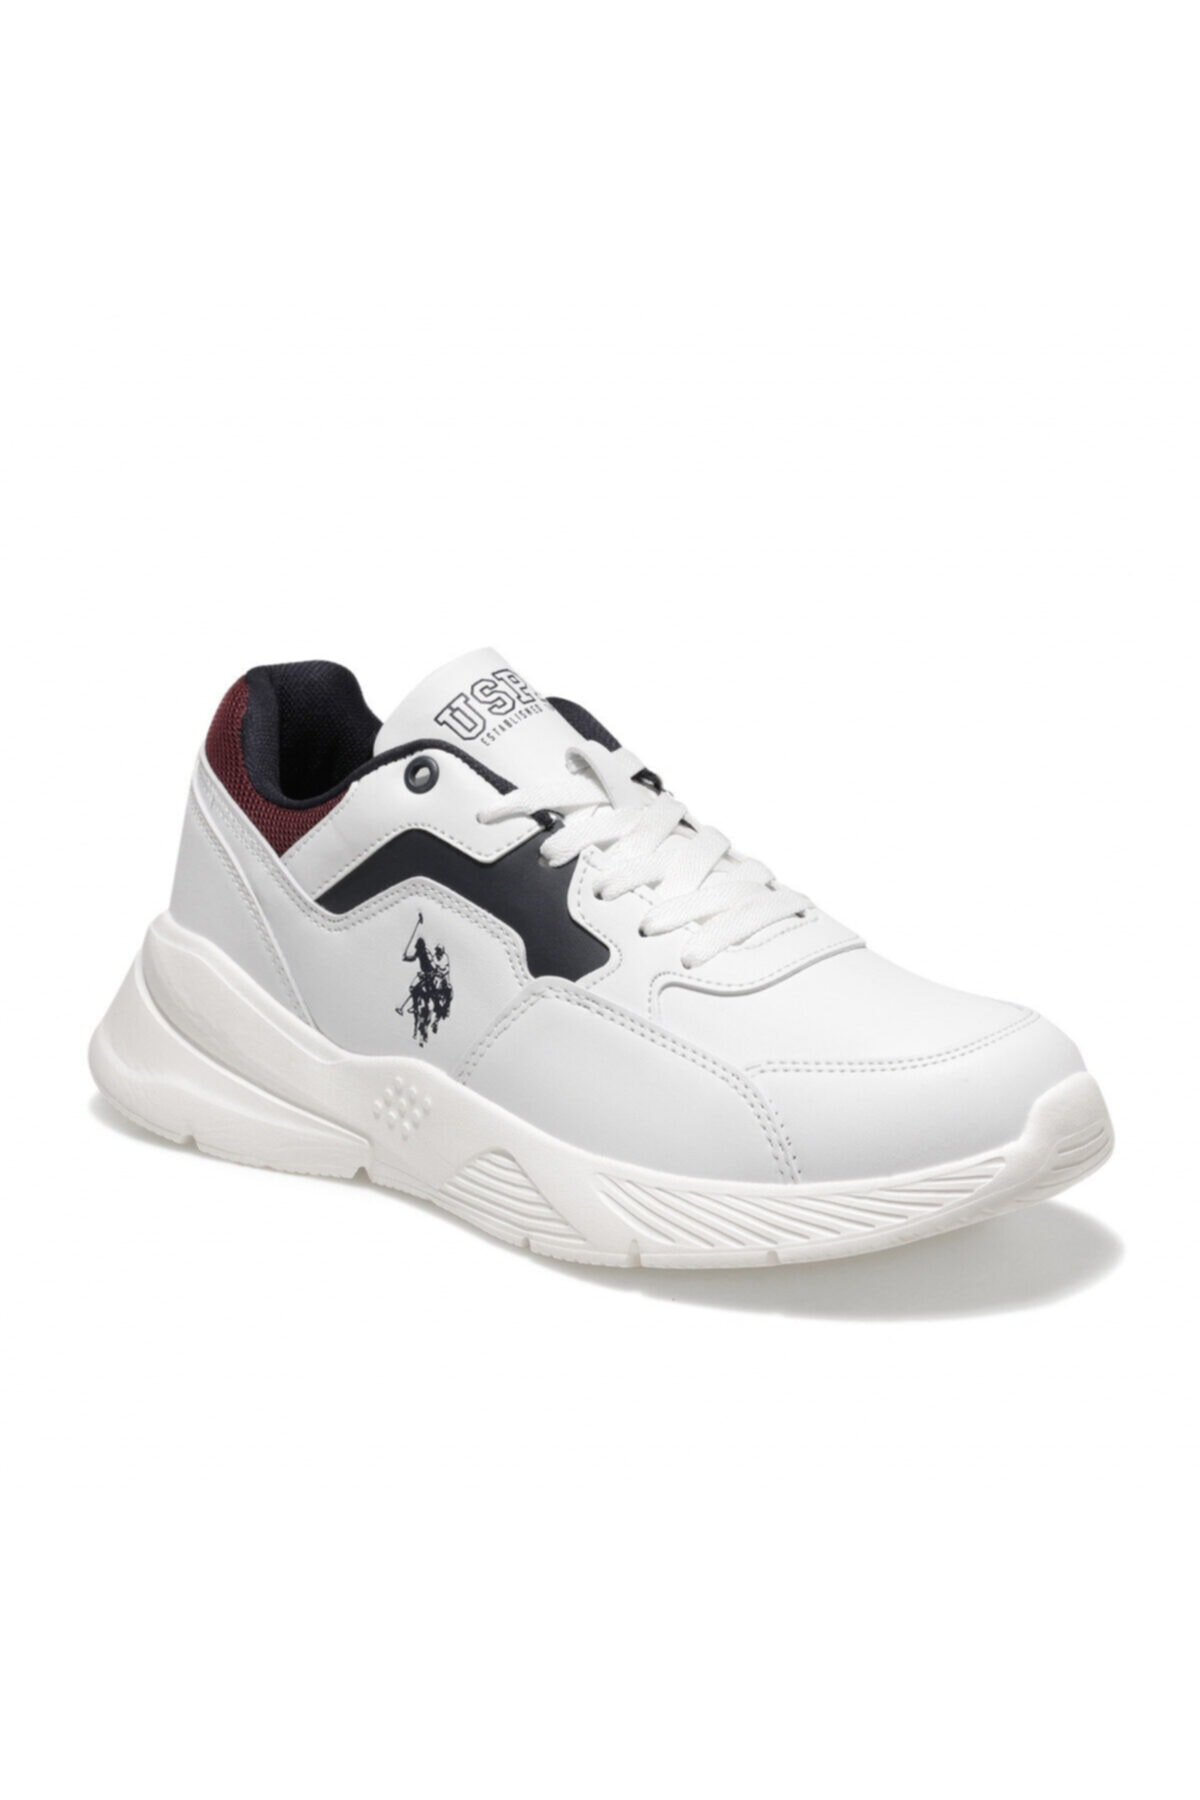 U.S. Polo Assn. FELIX Beyaz Erkek Sneaker Ayakkabı 100536521 1